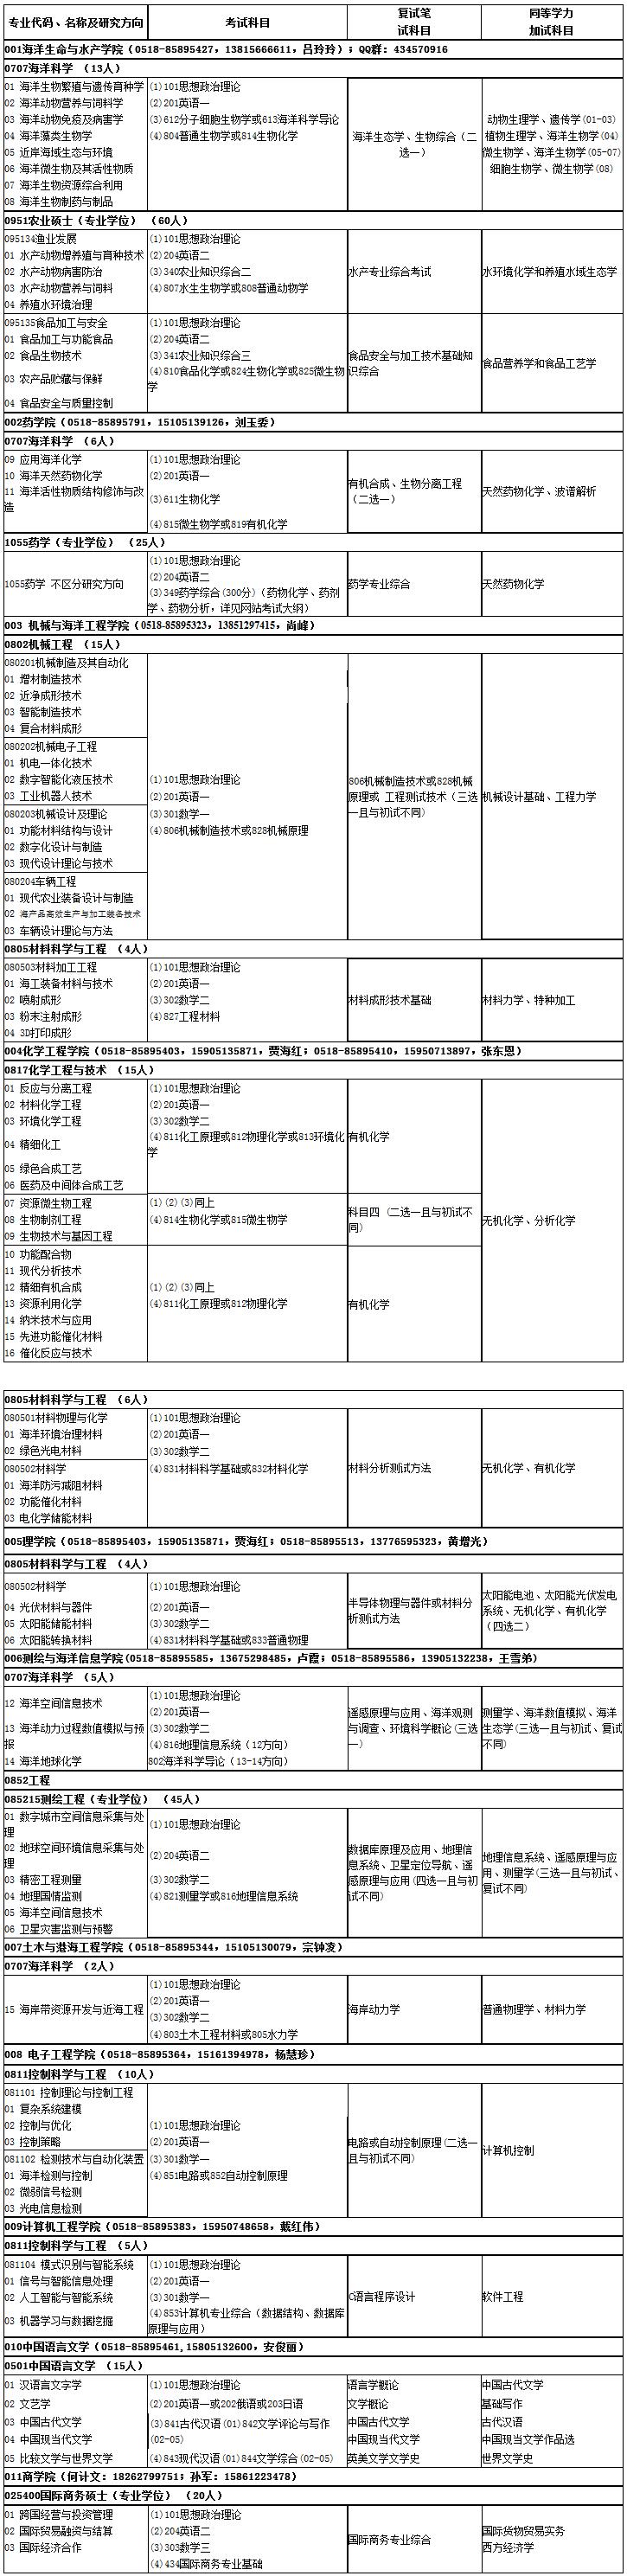 考研专业目录